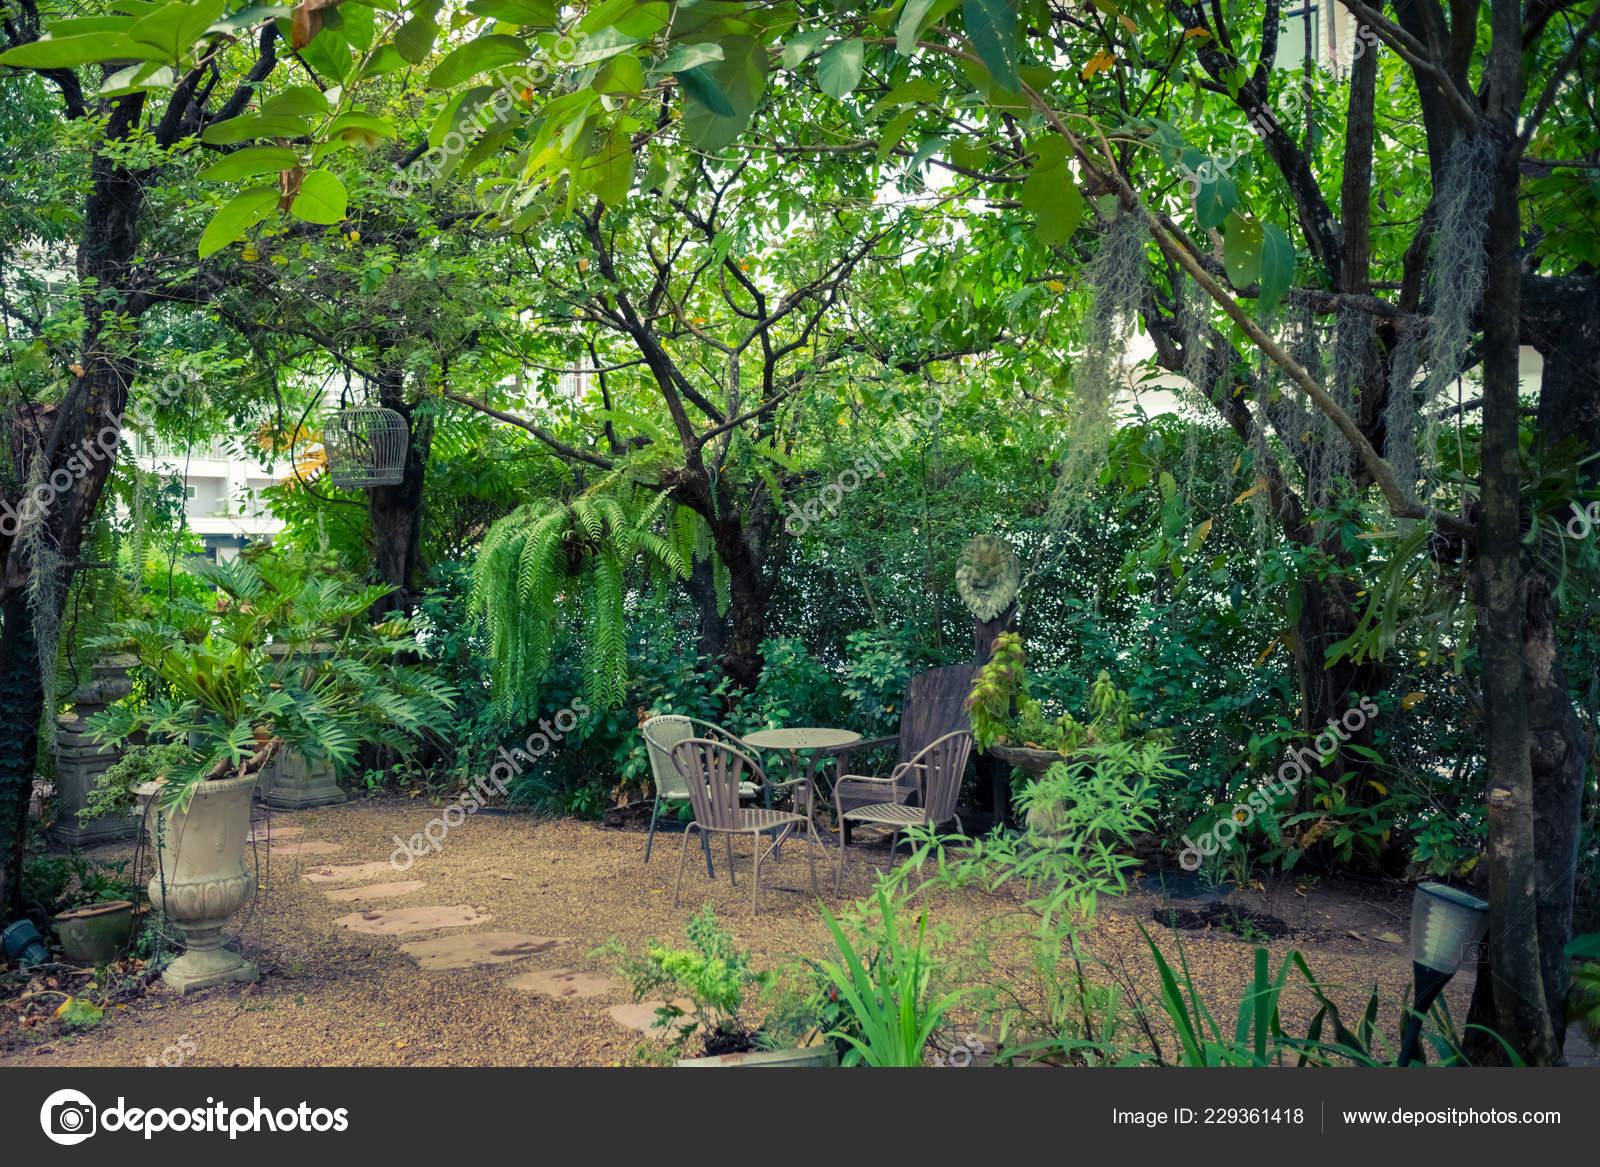 Tropical English Garden Style Home Interior Decoration Green